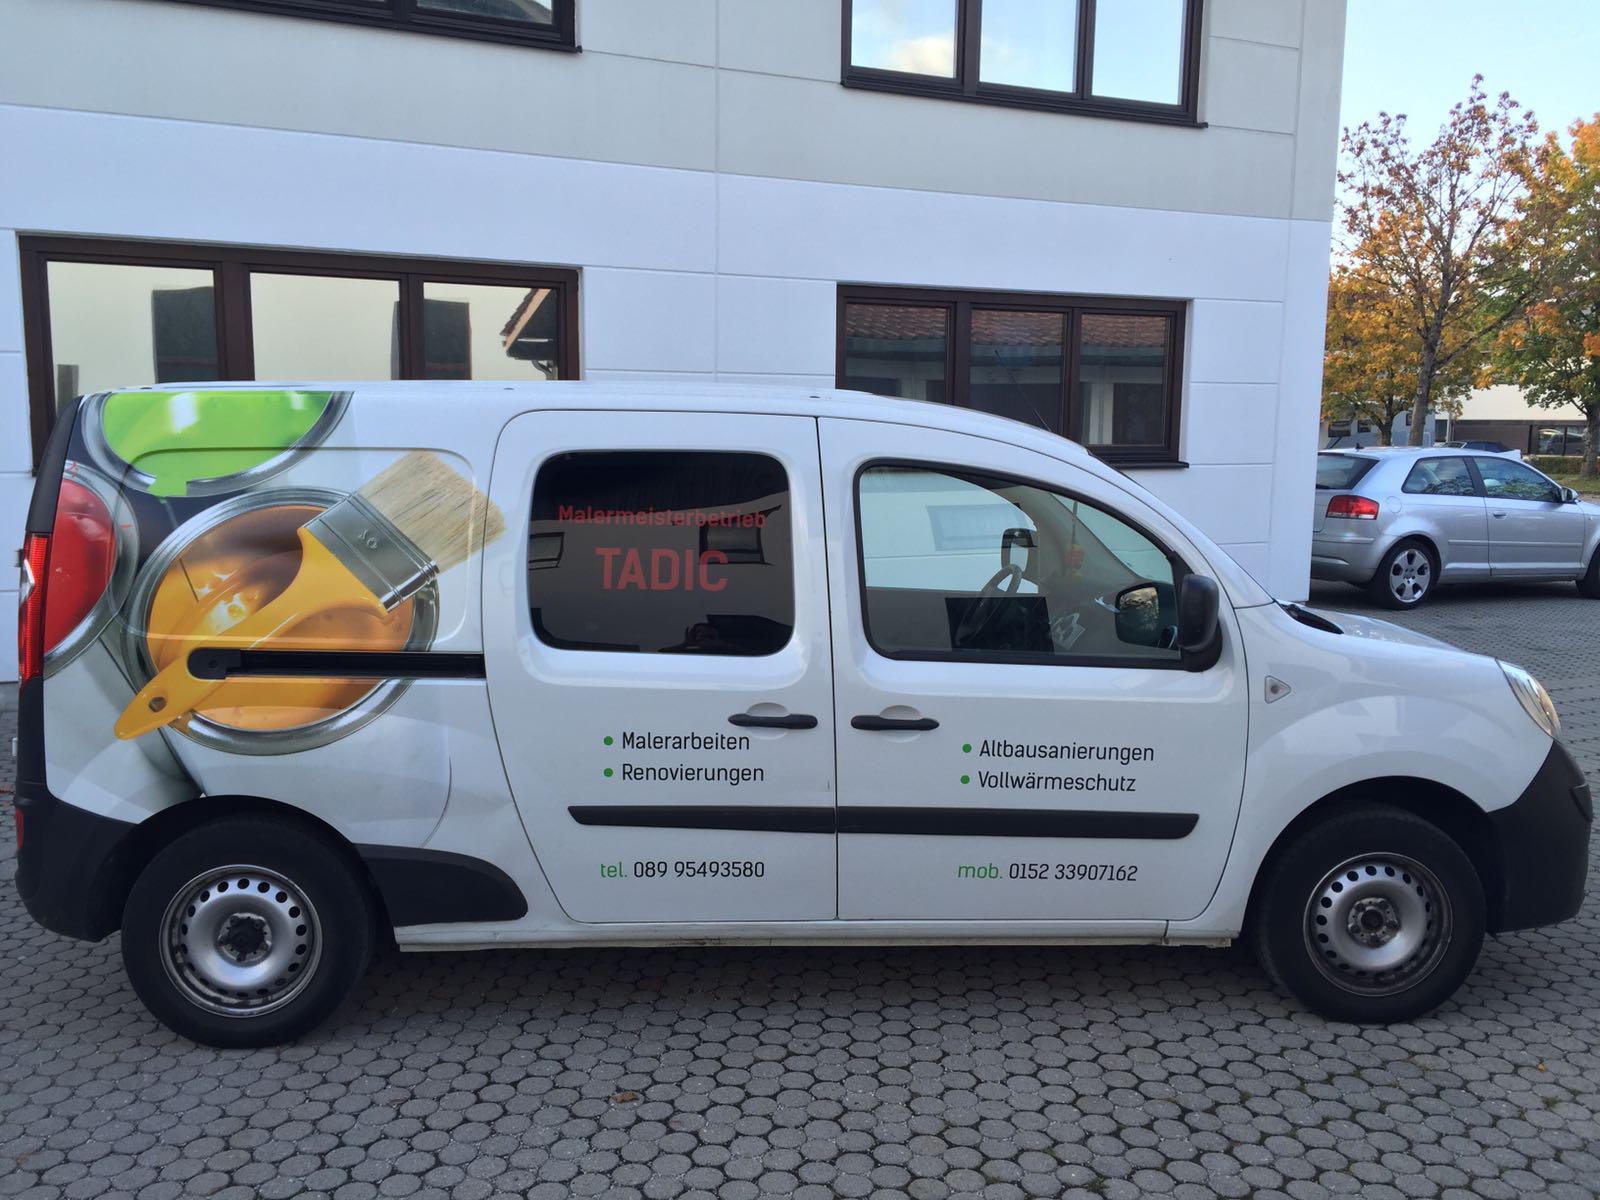 Autobeschriftung_Beklebung_Folie_Branding_Ingolstadt_München_2